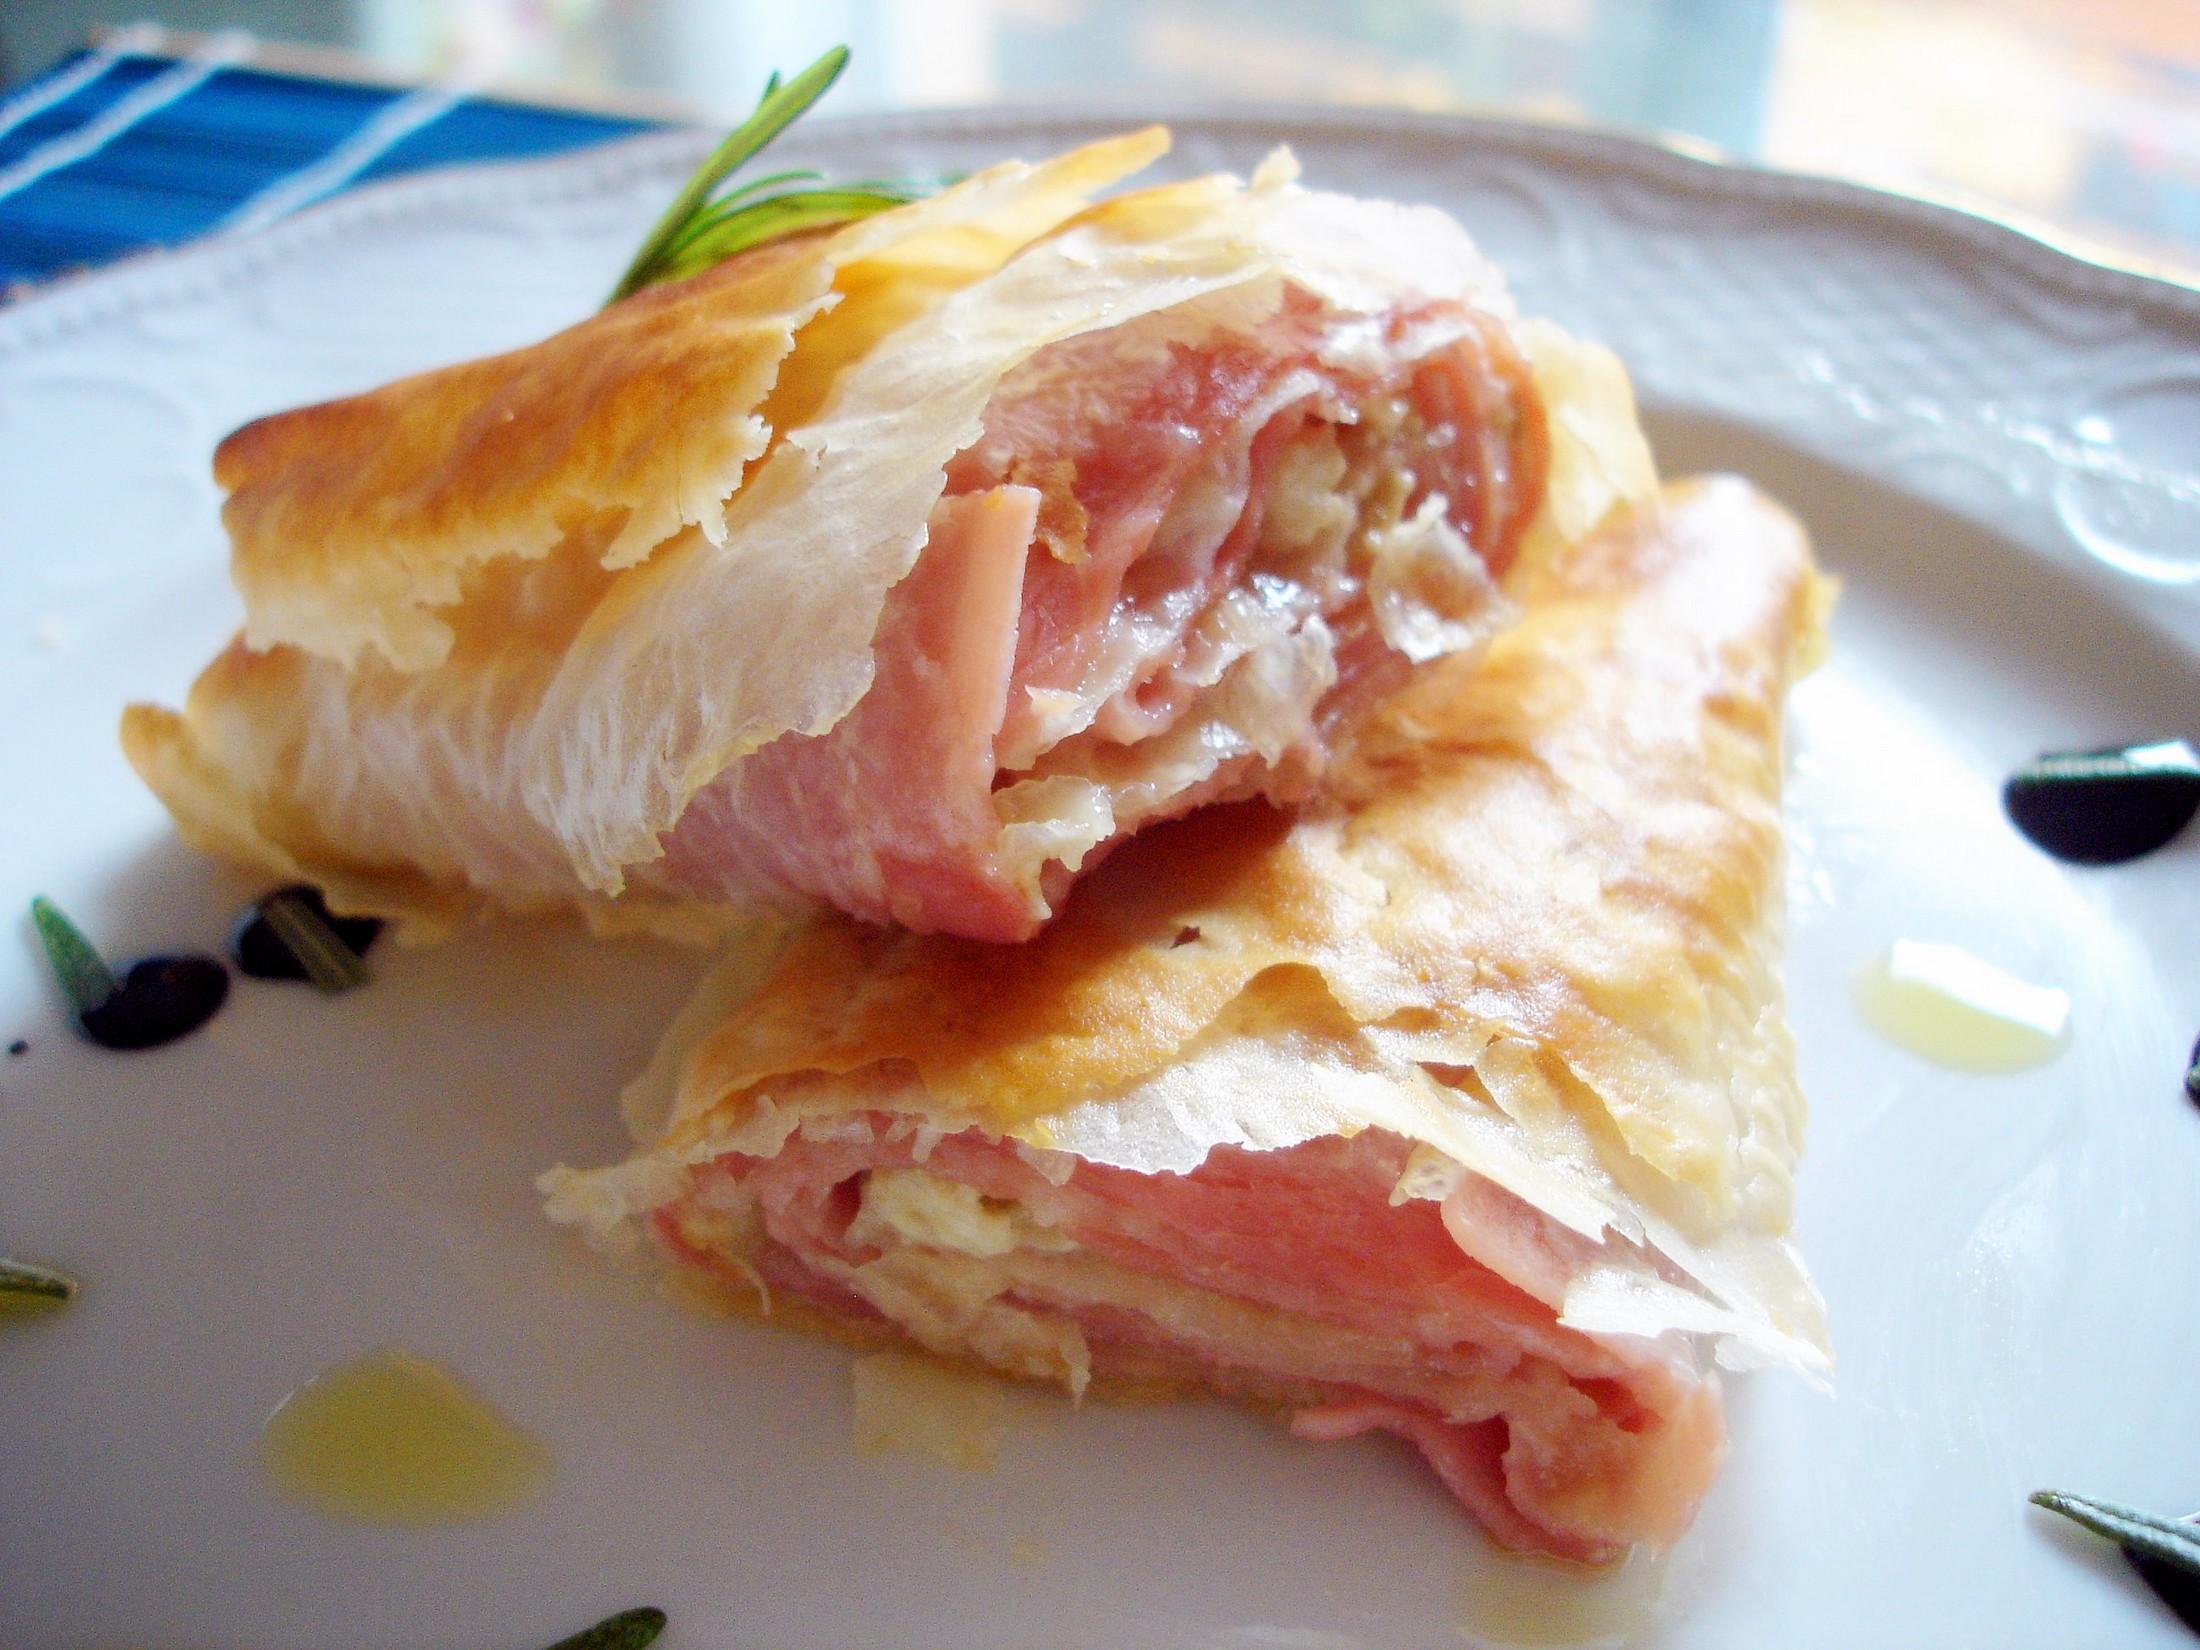 Rollitos rellenos de jamón con queso